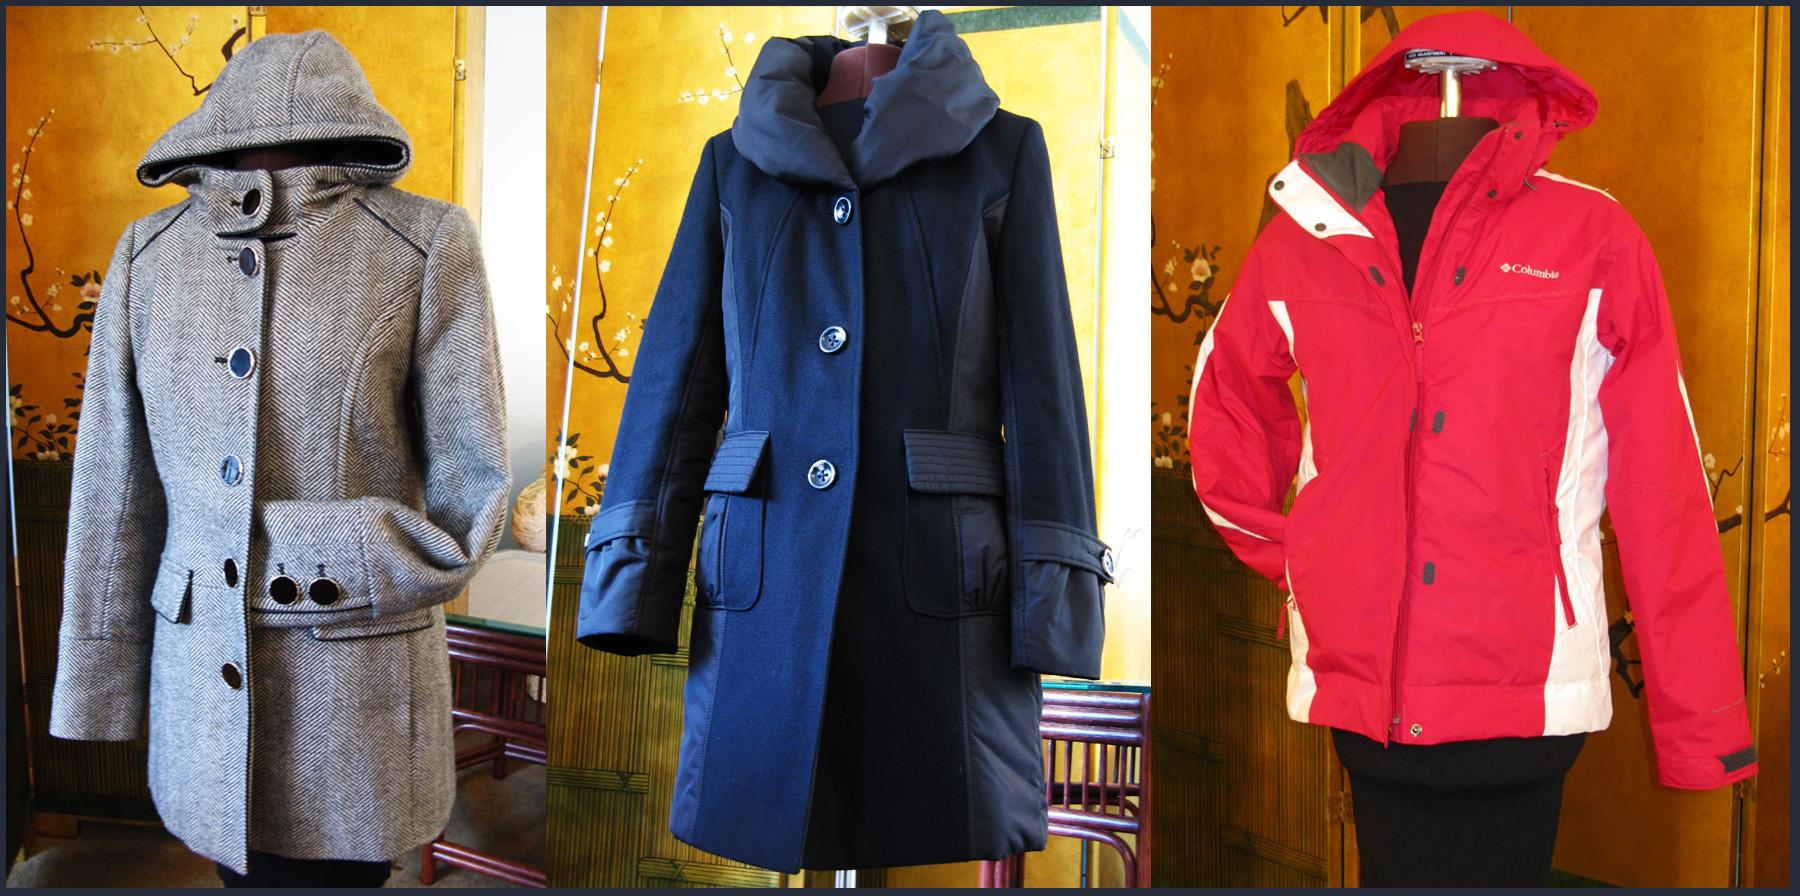 Manteau hiver pourcentage laine